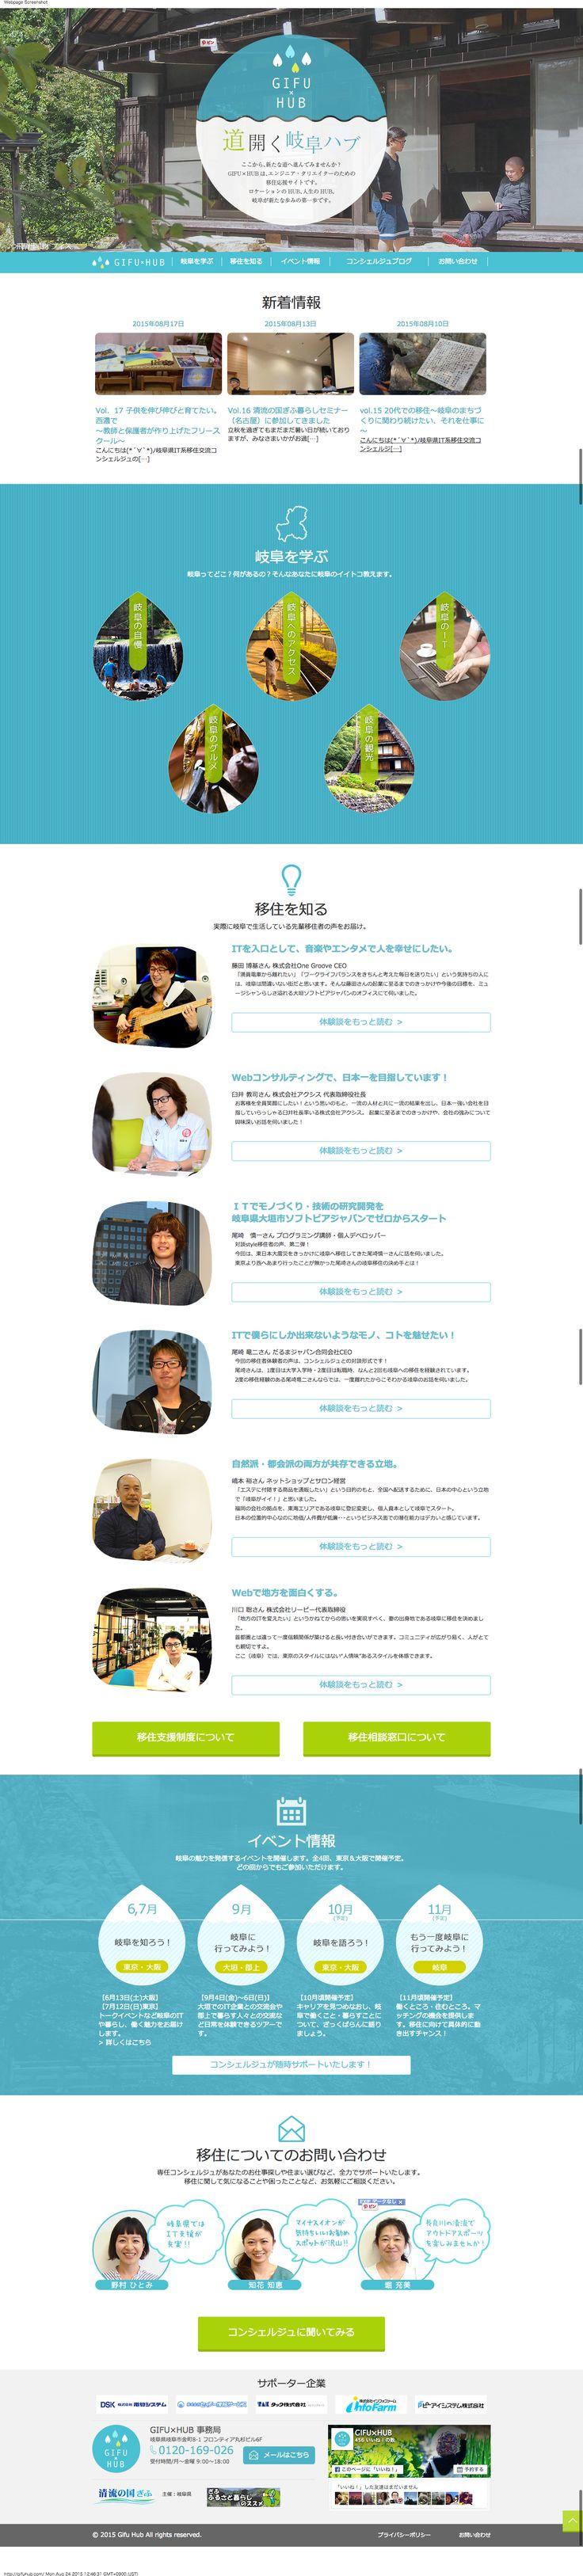 岐阜への移住応援サイト GIFU×HUB[岐阜ハブ]